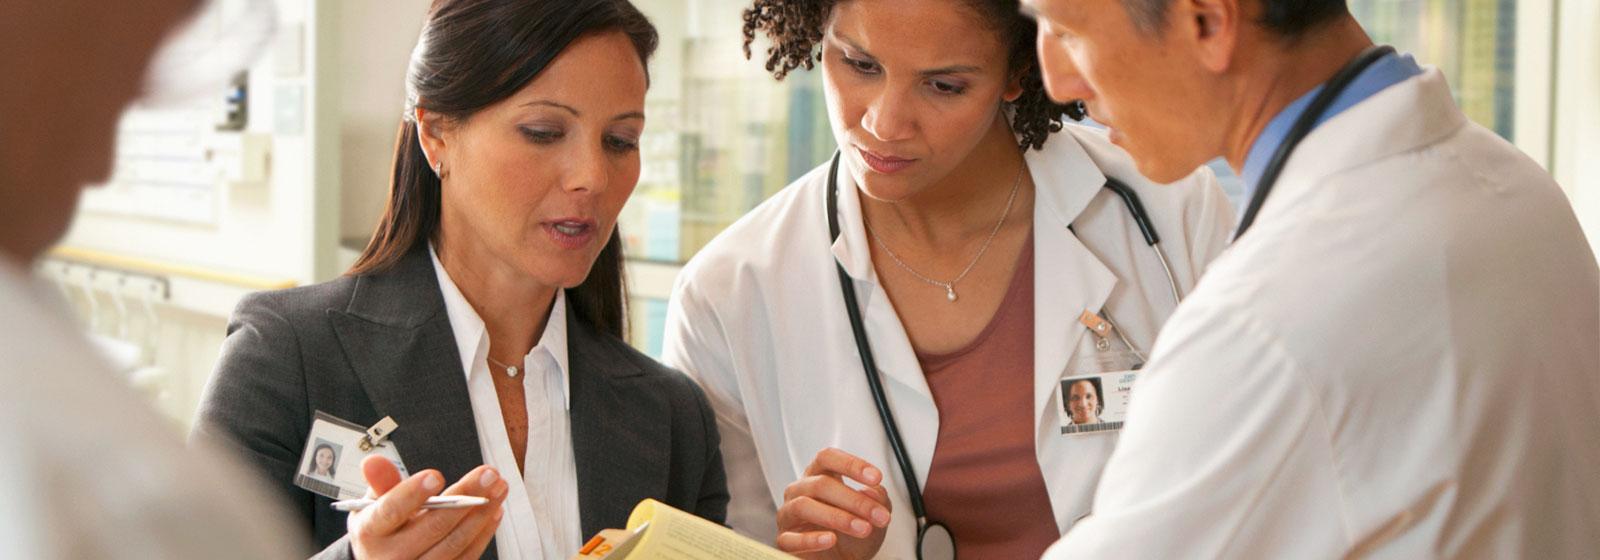 Healthcare Accounting - Buffalo Rochester CPA